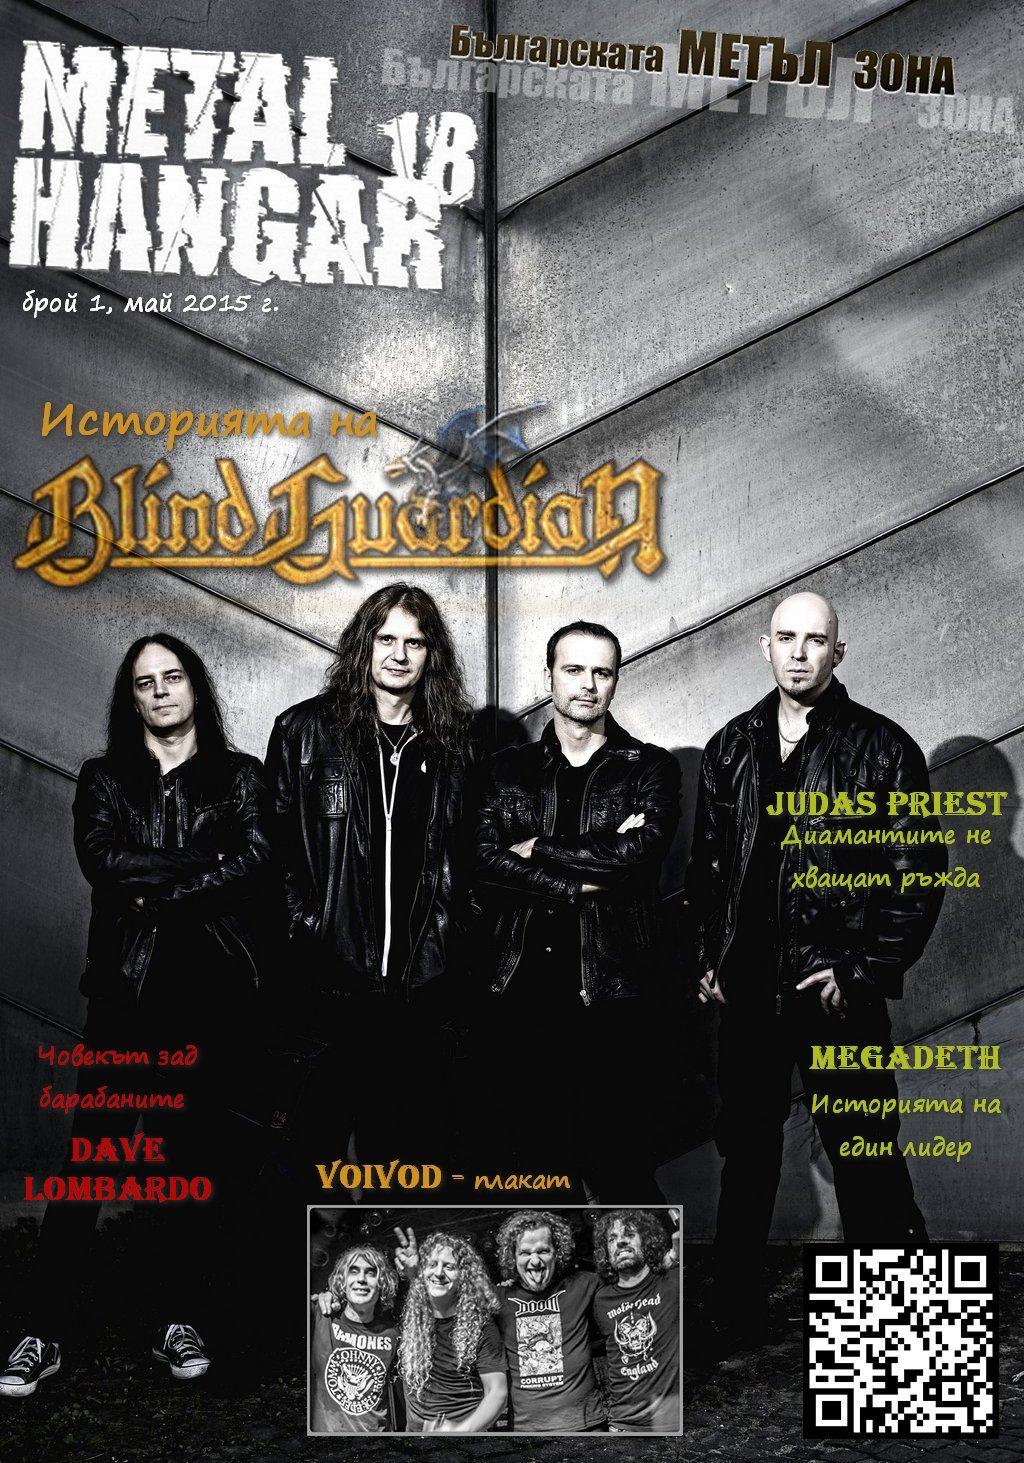 METAL HANGAR 18, брой 1 май 2015